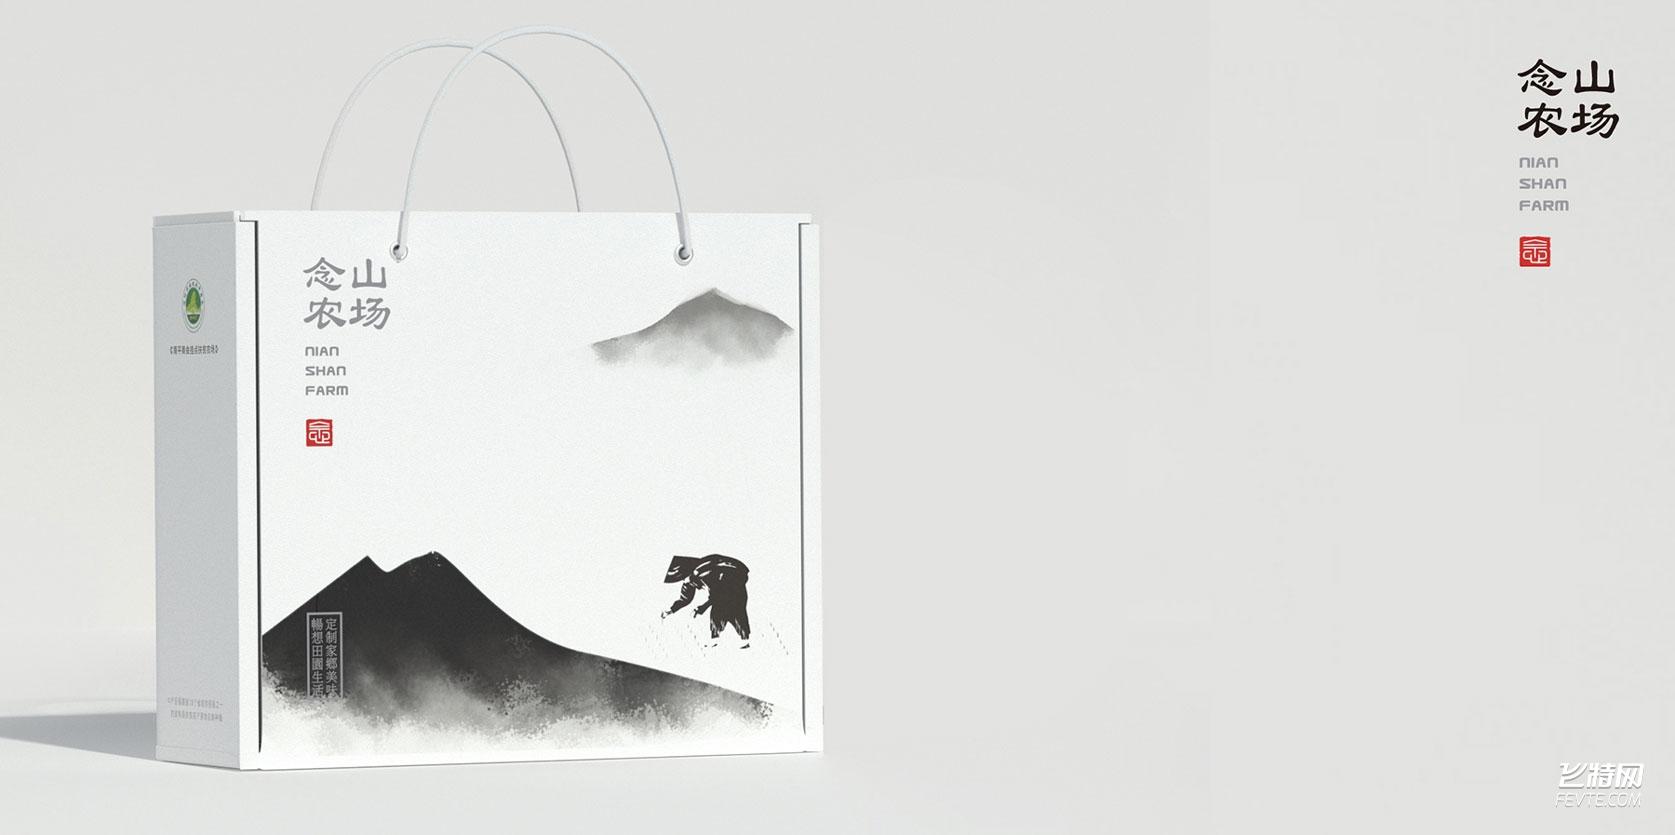 德信念山农场-生态米(图9)